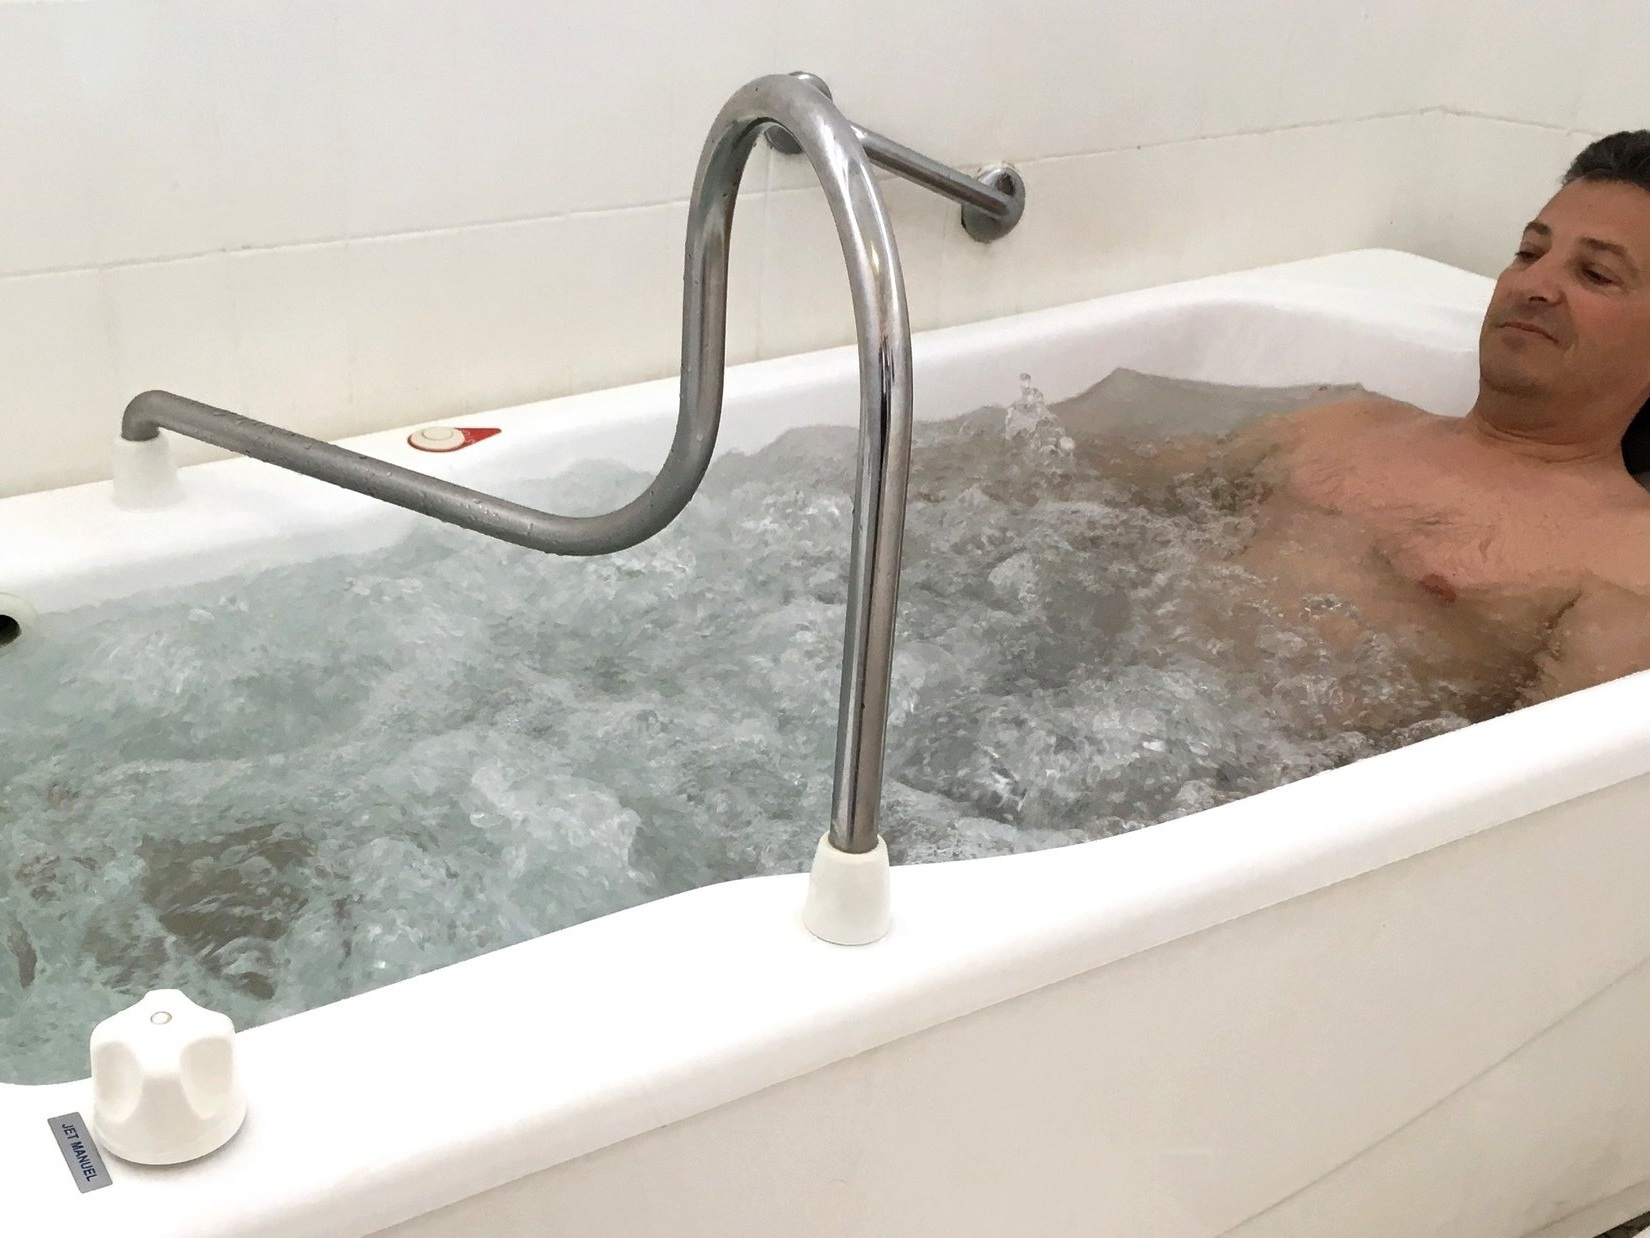 Aérobain - SOIN DE RHUMATOLOGIE / PHLÉBOLOGIEBain d'eau thermale parcouru de bulles d'air compressé (28-30°C). Soin individuel.Durée du soin : 10minEffets décontractants, drainants.